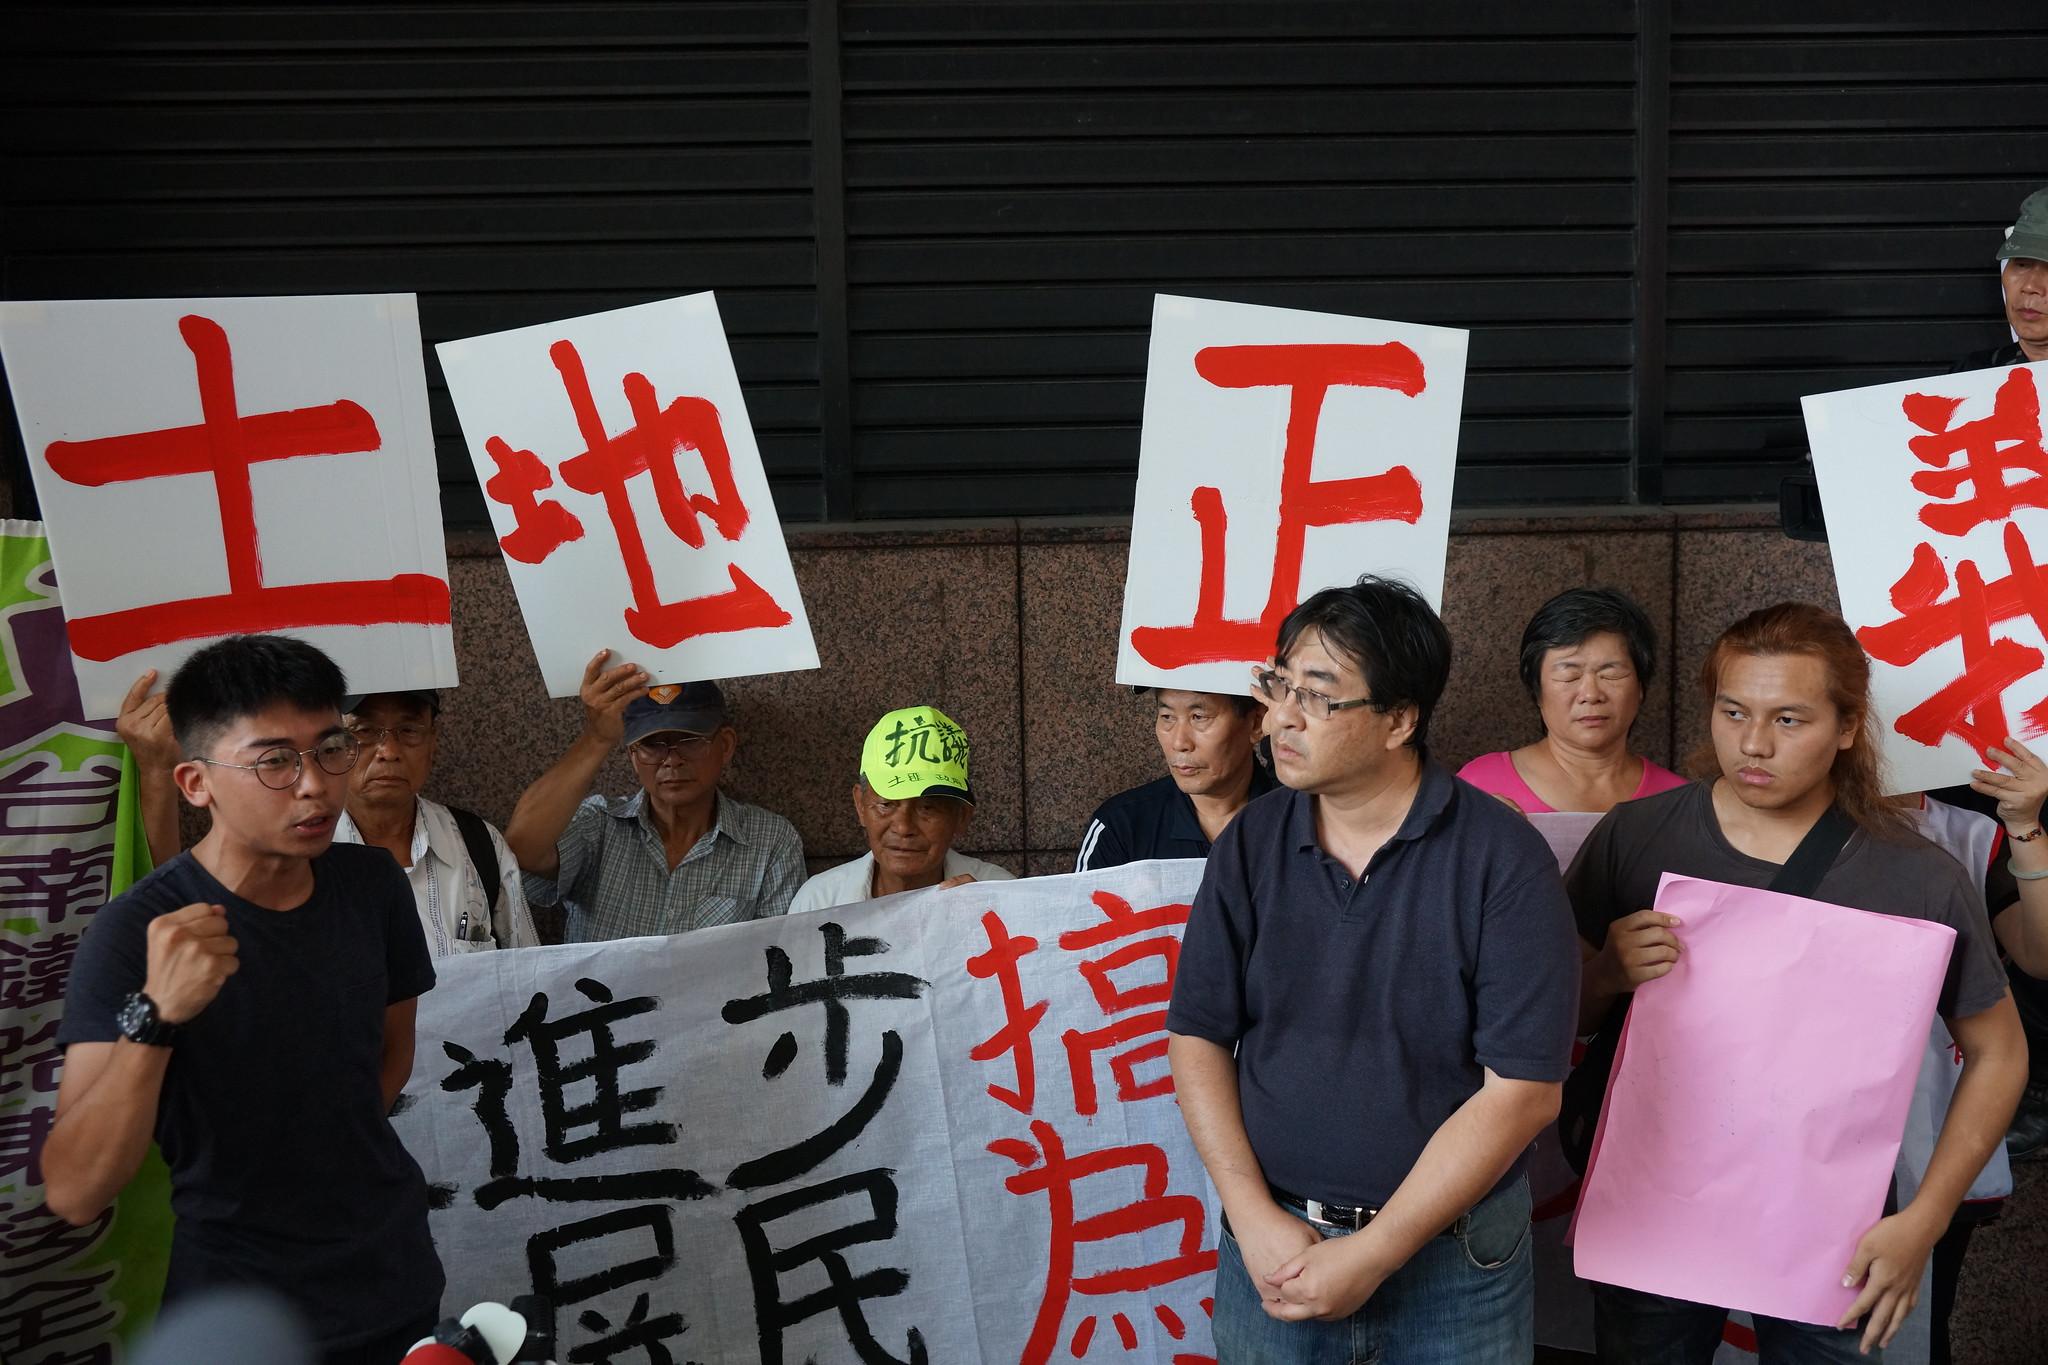 反迫遷團體串聯抗議民進黨,但被警方包圍排除在紹興南路段騎樓,無法接近黨部。(攝影:王顥中)